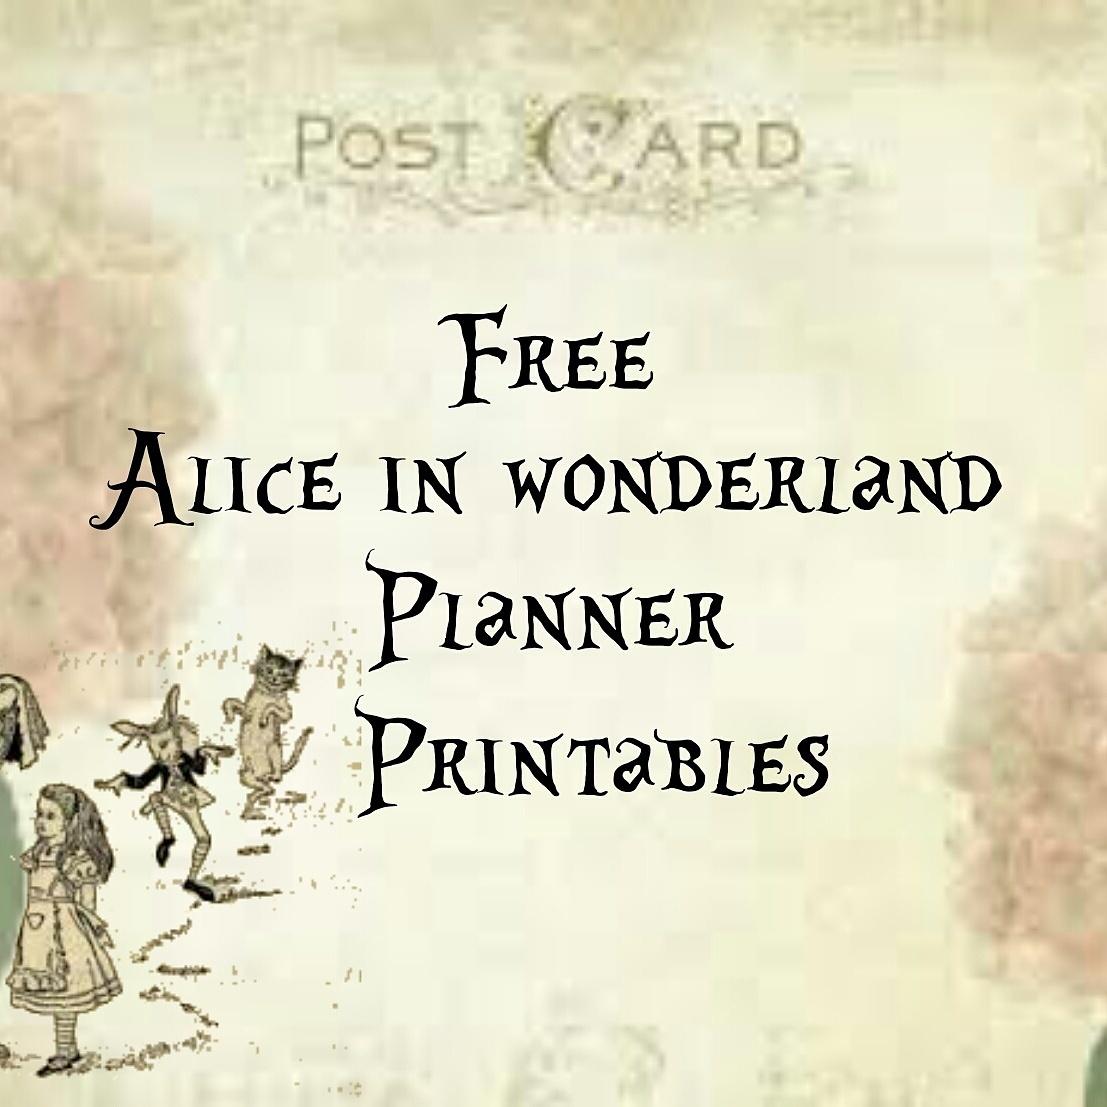 Alice In Wonderland Free Vintage Planner Printables – Lorraine A - Free Vintage Alice In Wonderland Printables